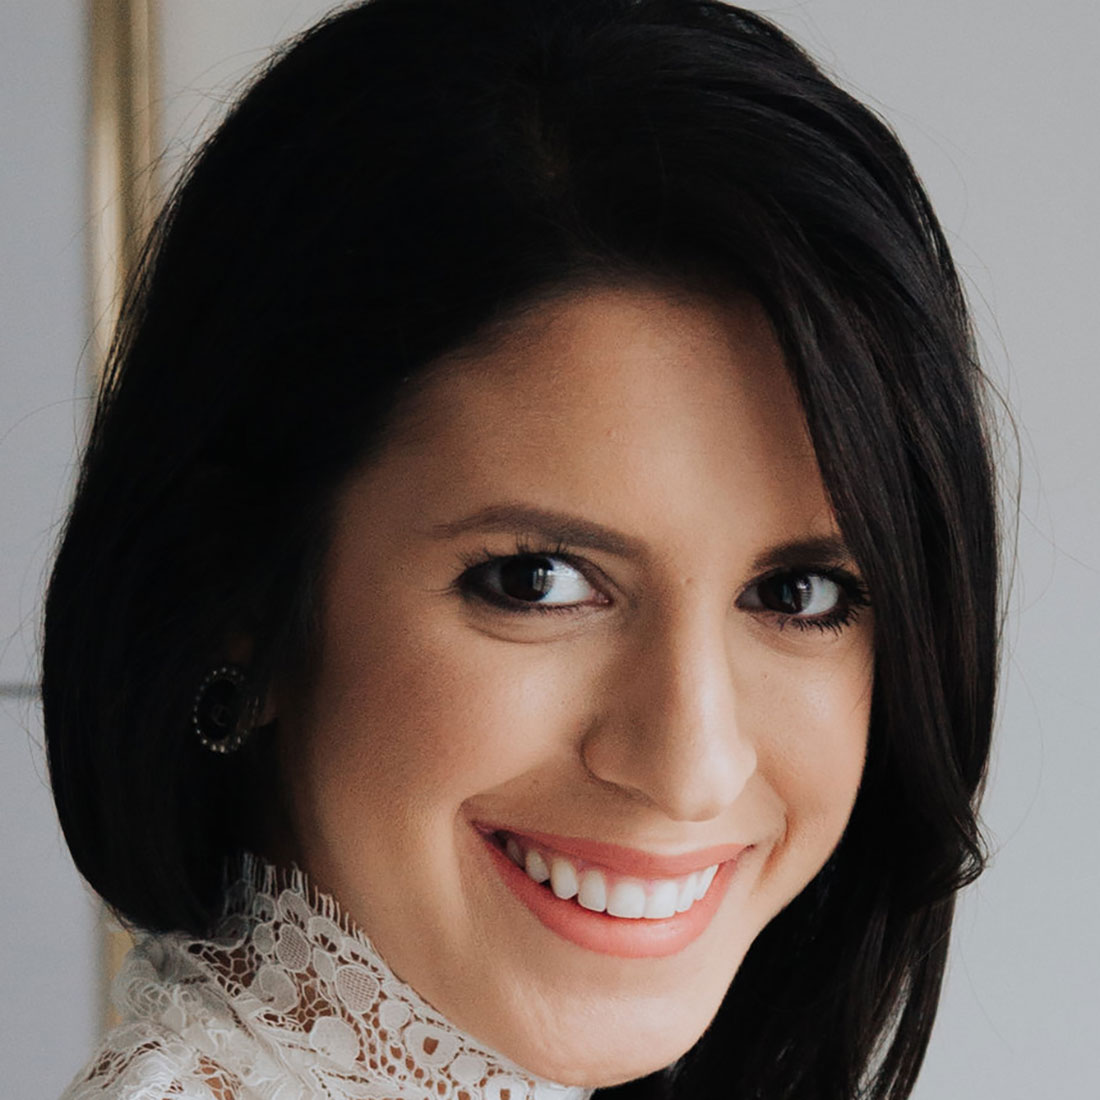 image of Amani Blanchard